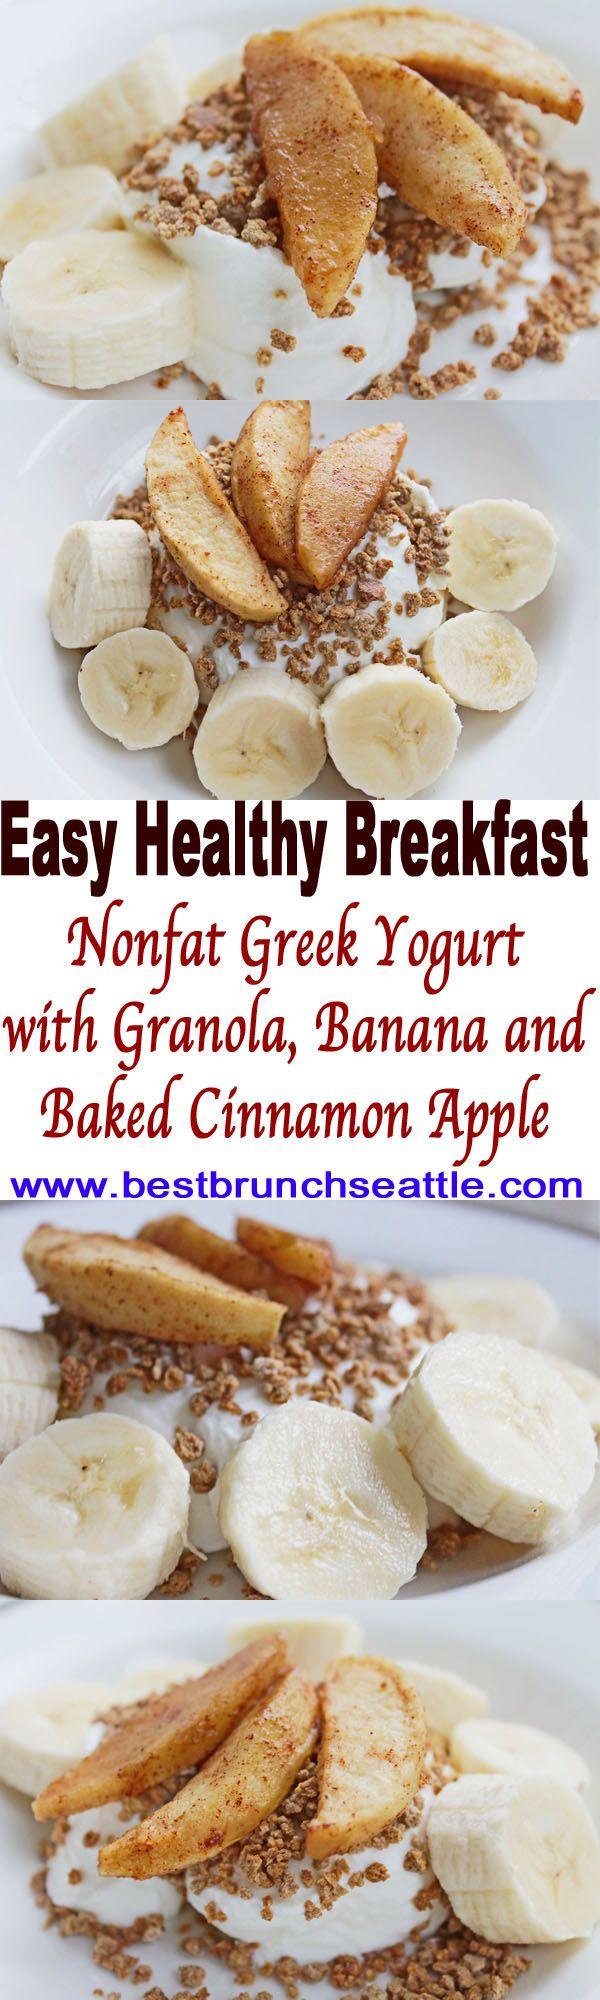 Easy Healthy Breakfast Recipe | Best Brunch Seattle